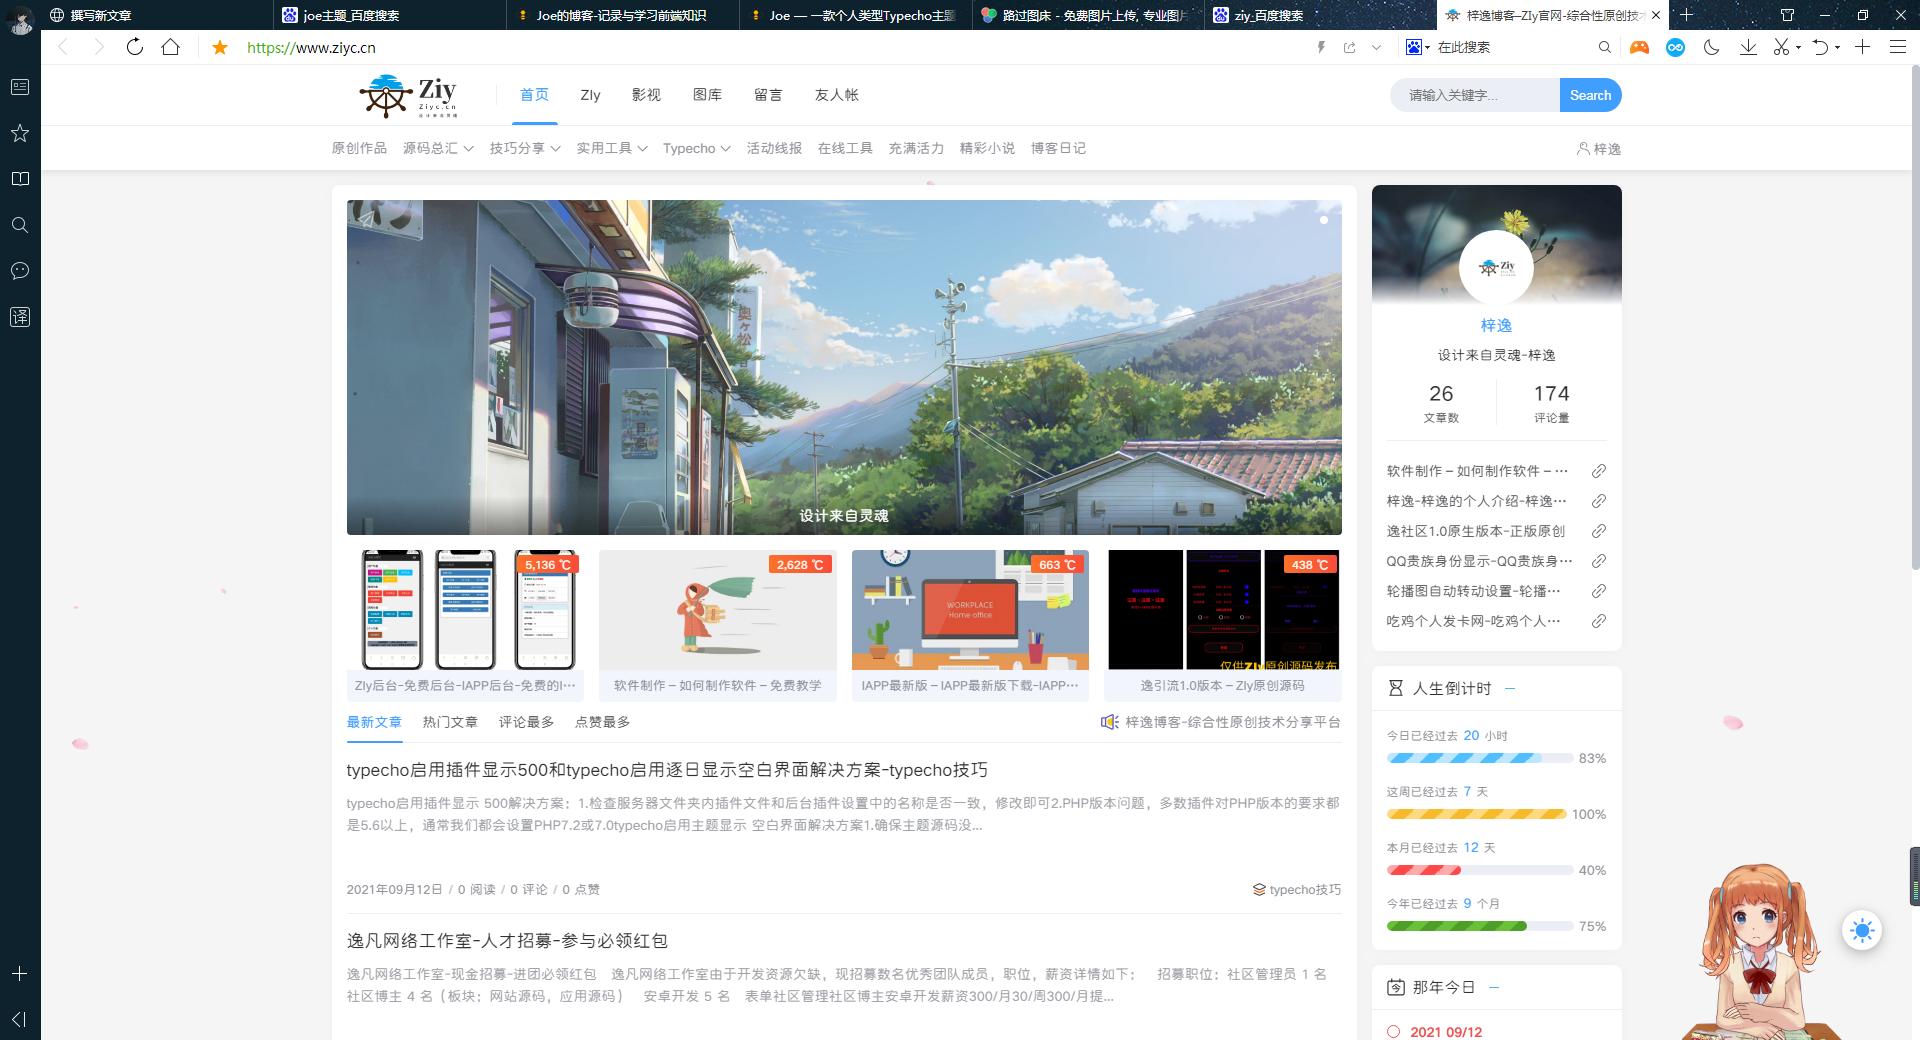 www.ziyc.cn